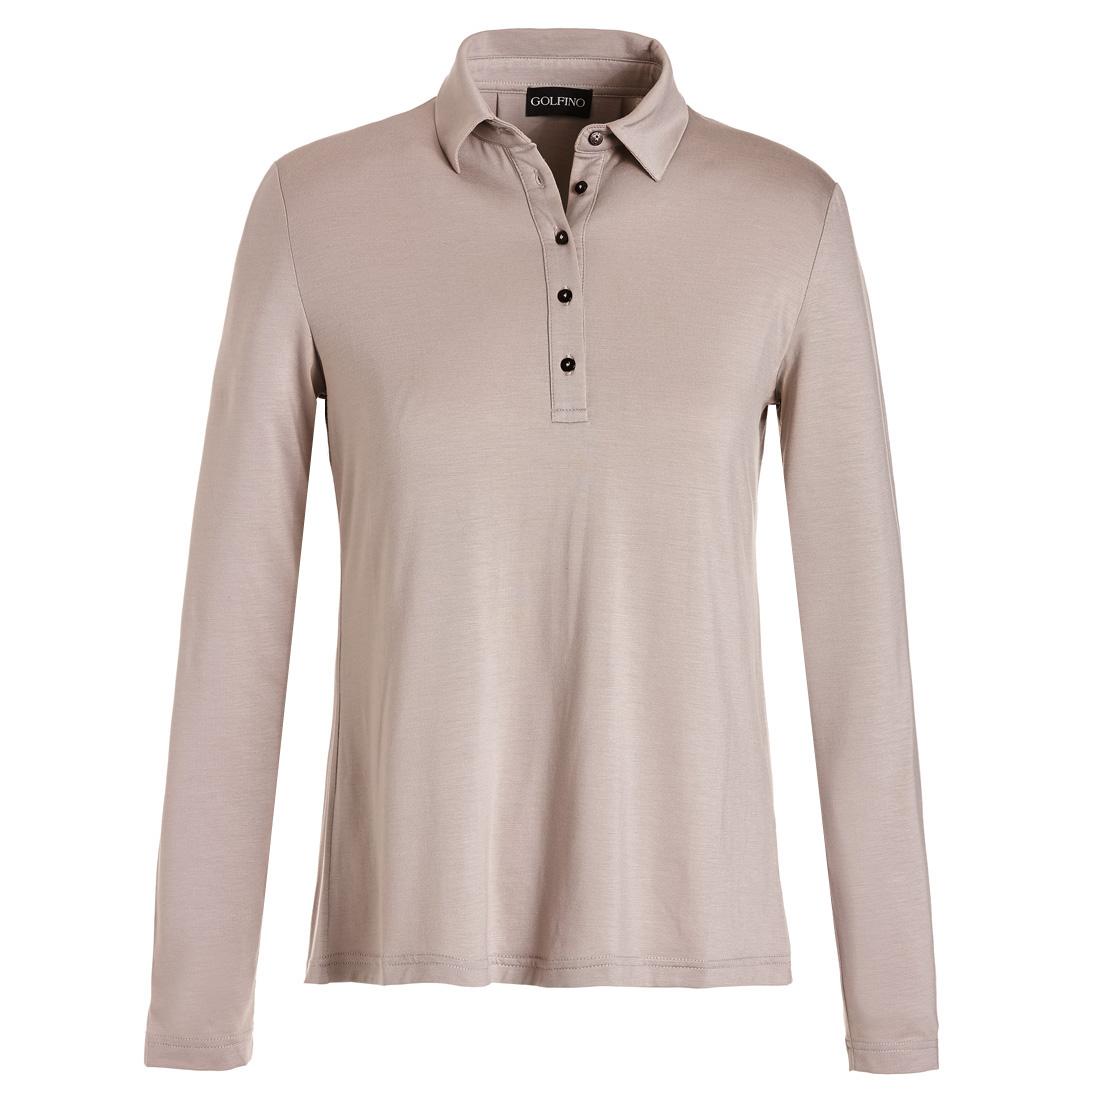 Weit geschnittenes Langarm Poloshirt